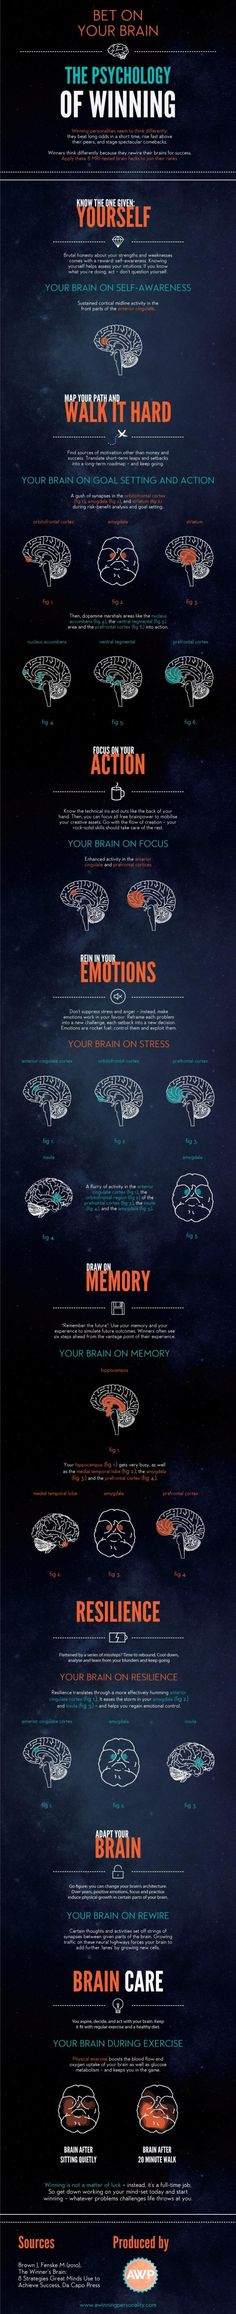 Manipuleer je eigen brein naar succes